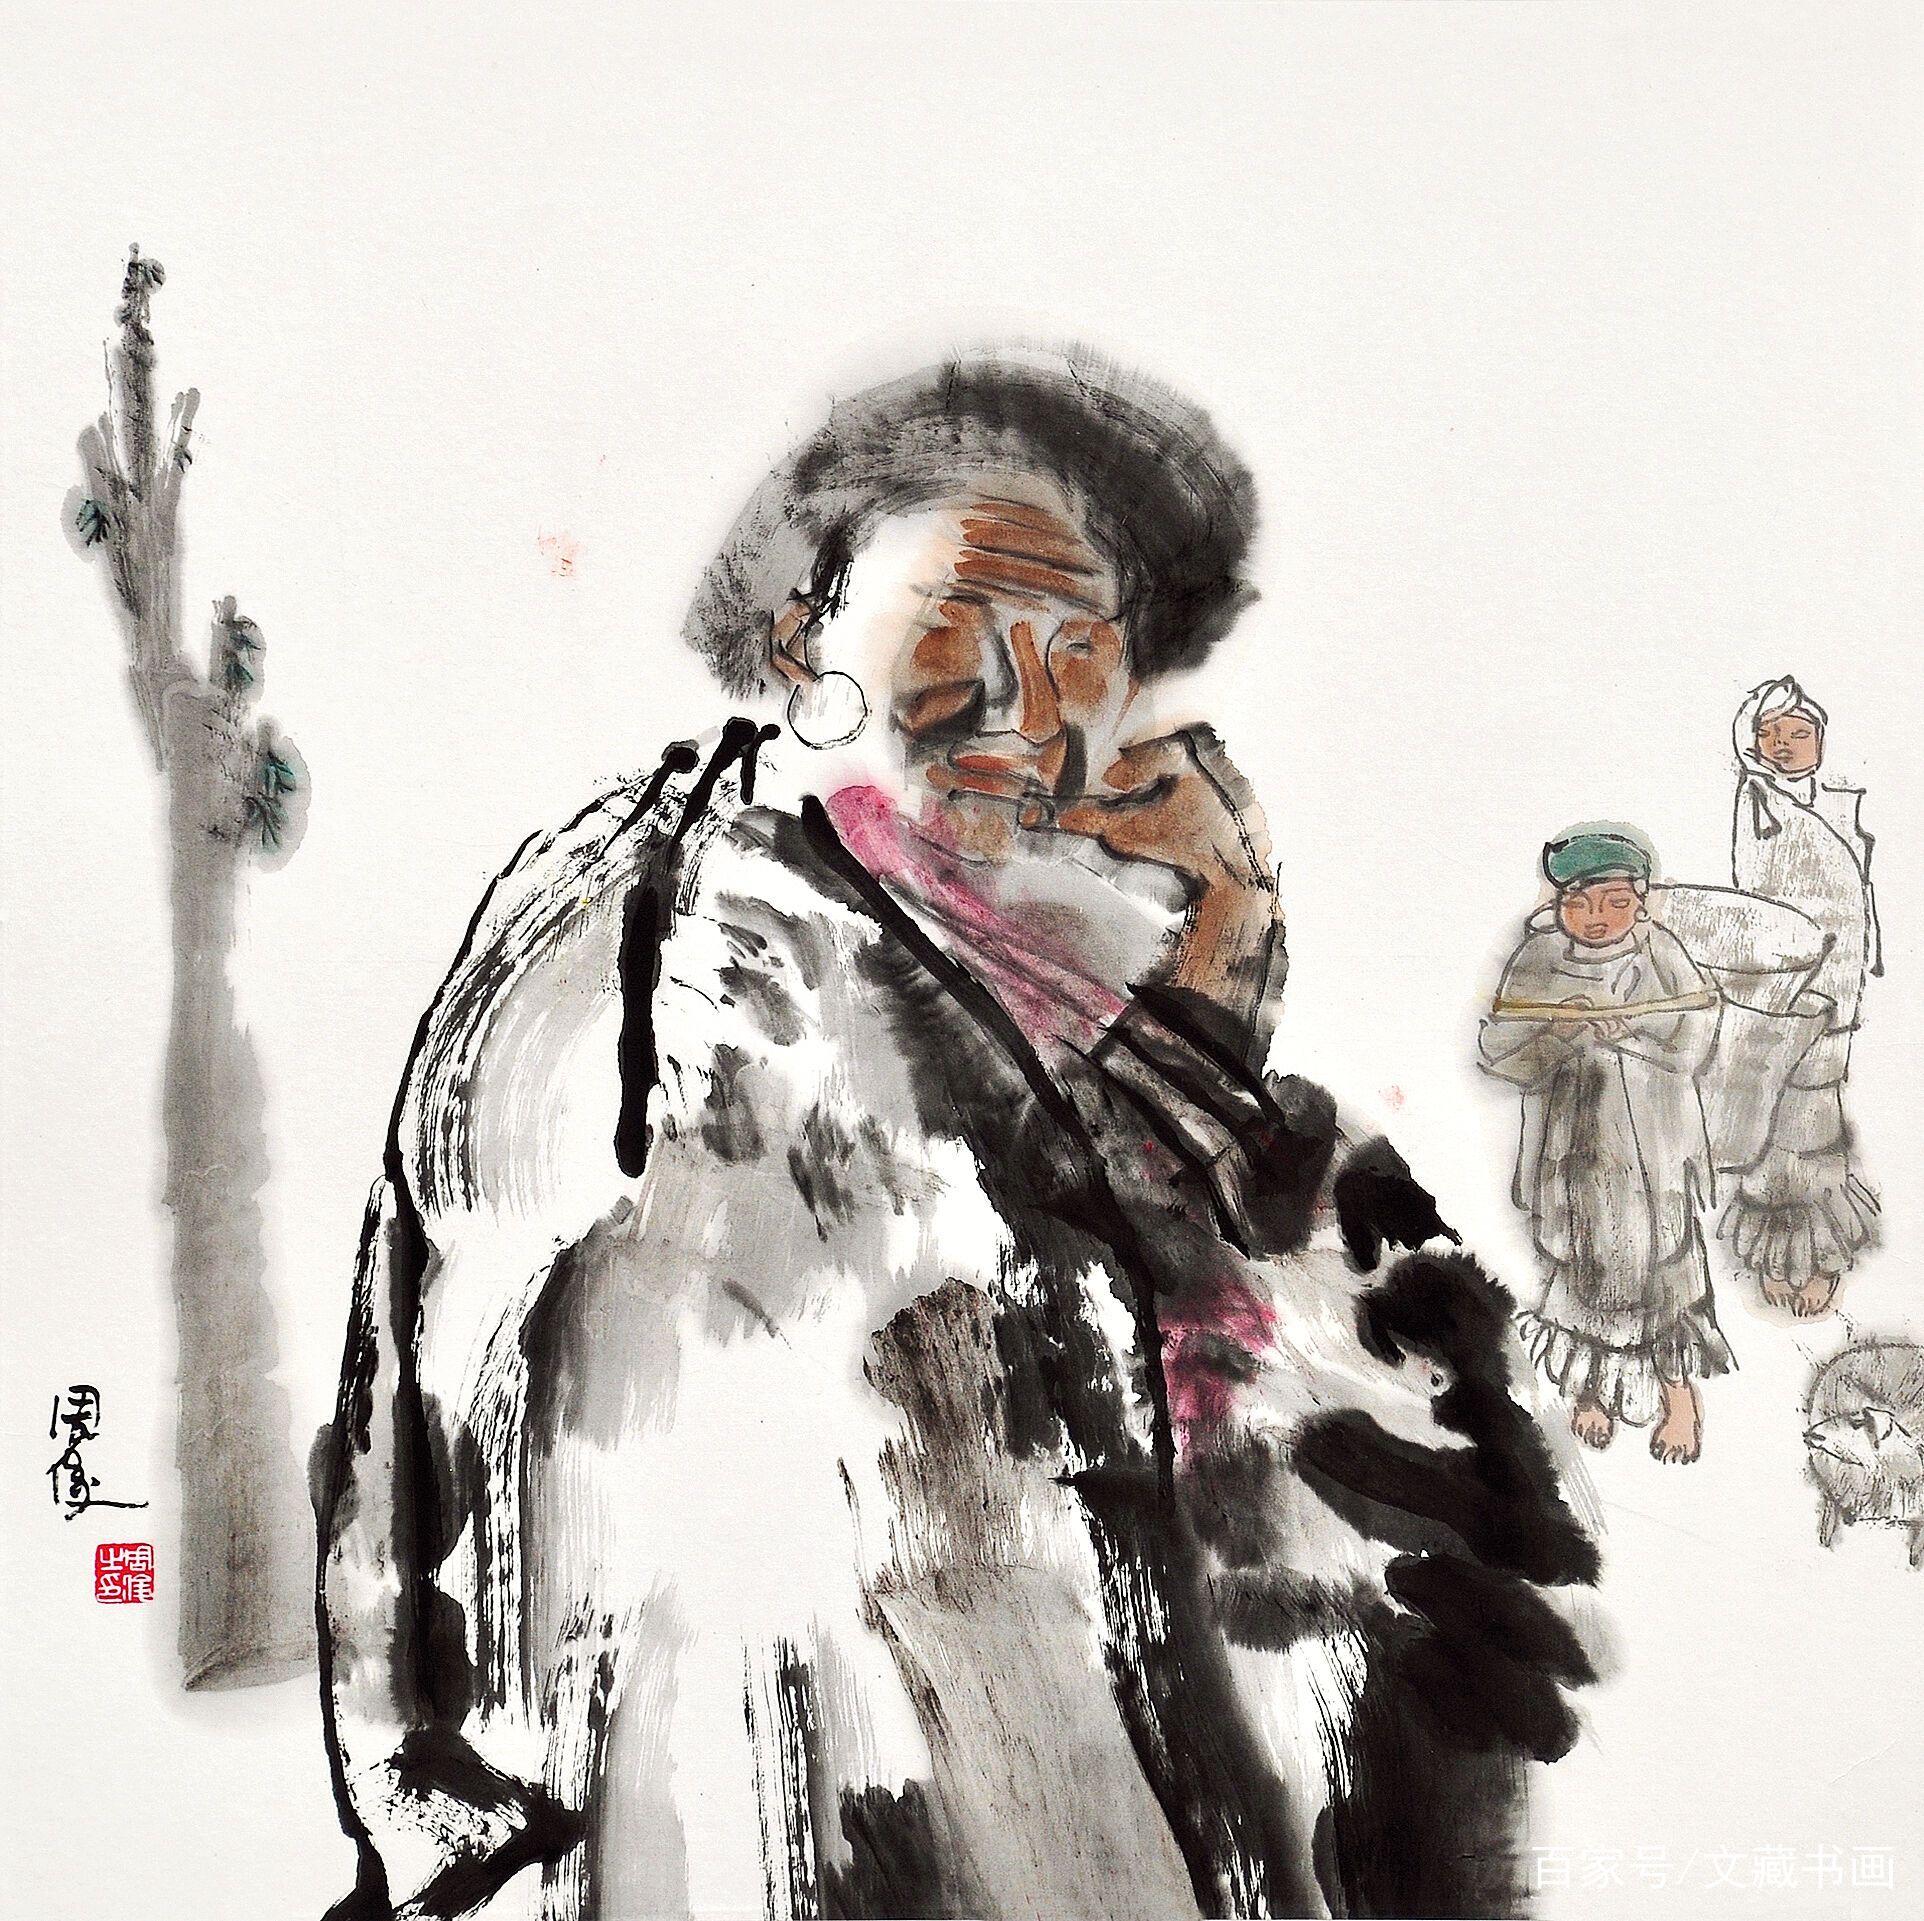 中国当代水墨如何突破?笔墨要过硬,不能把大写意变成粗制滥造